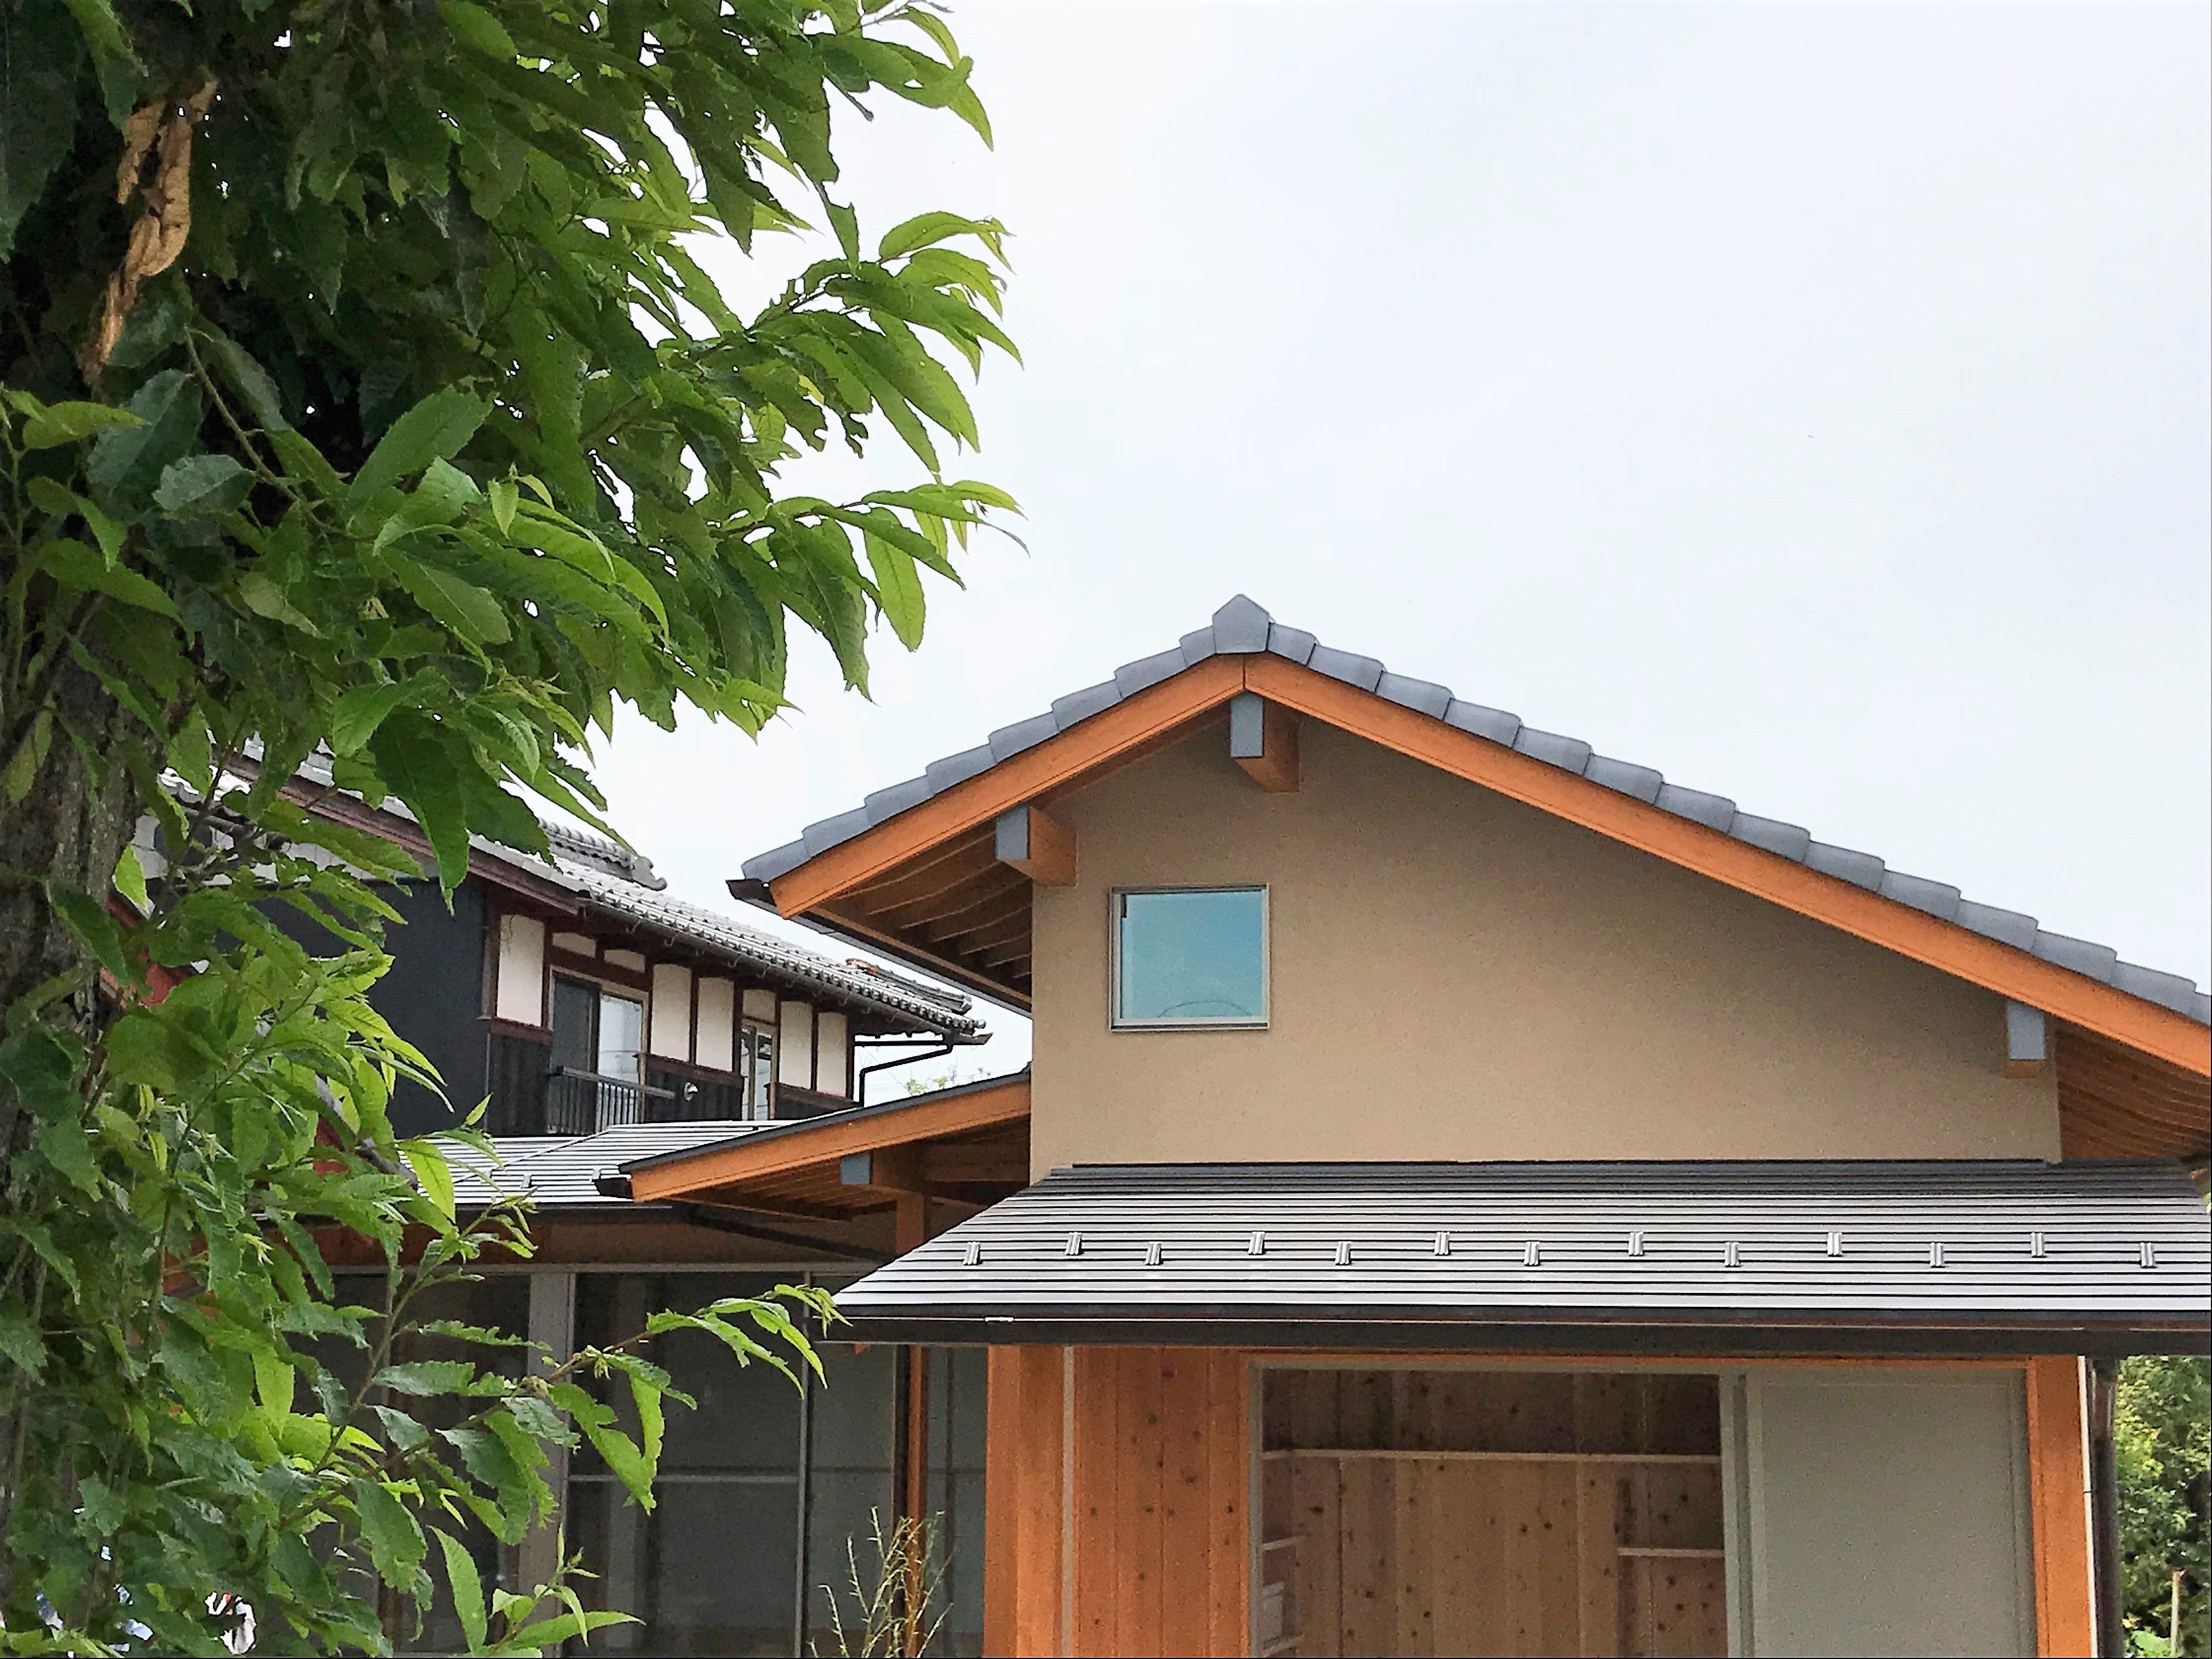 中庭で繋がる平屋の離れ 昔ながらの日本家屋が建つ街並みにもなじむ